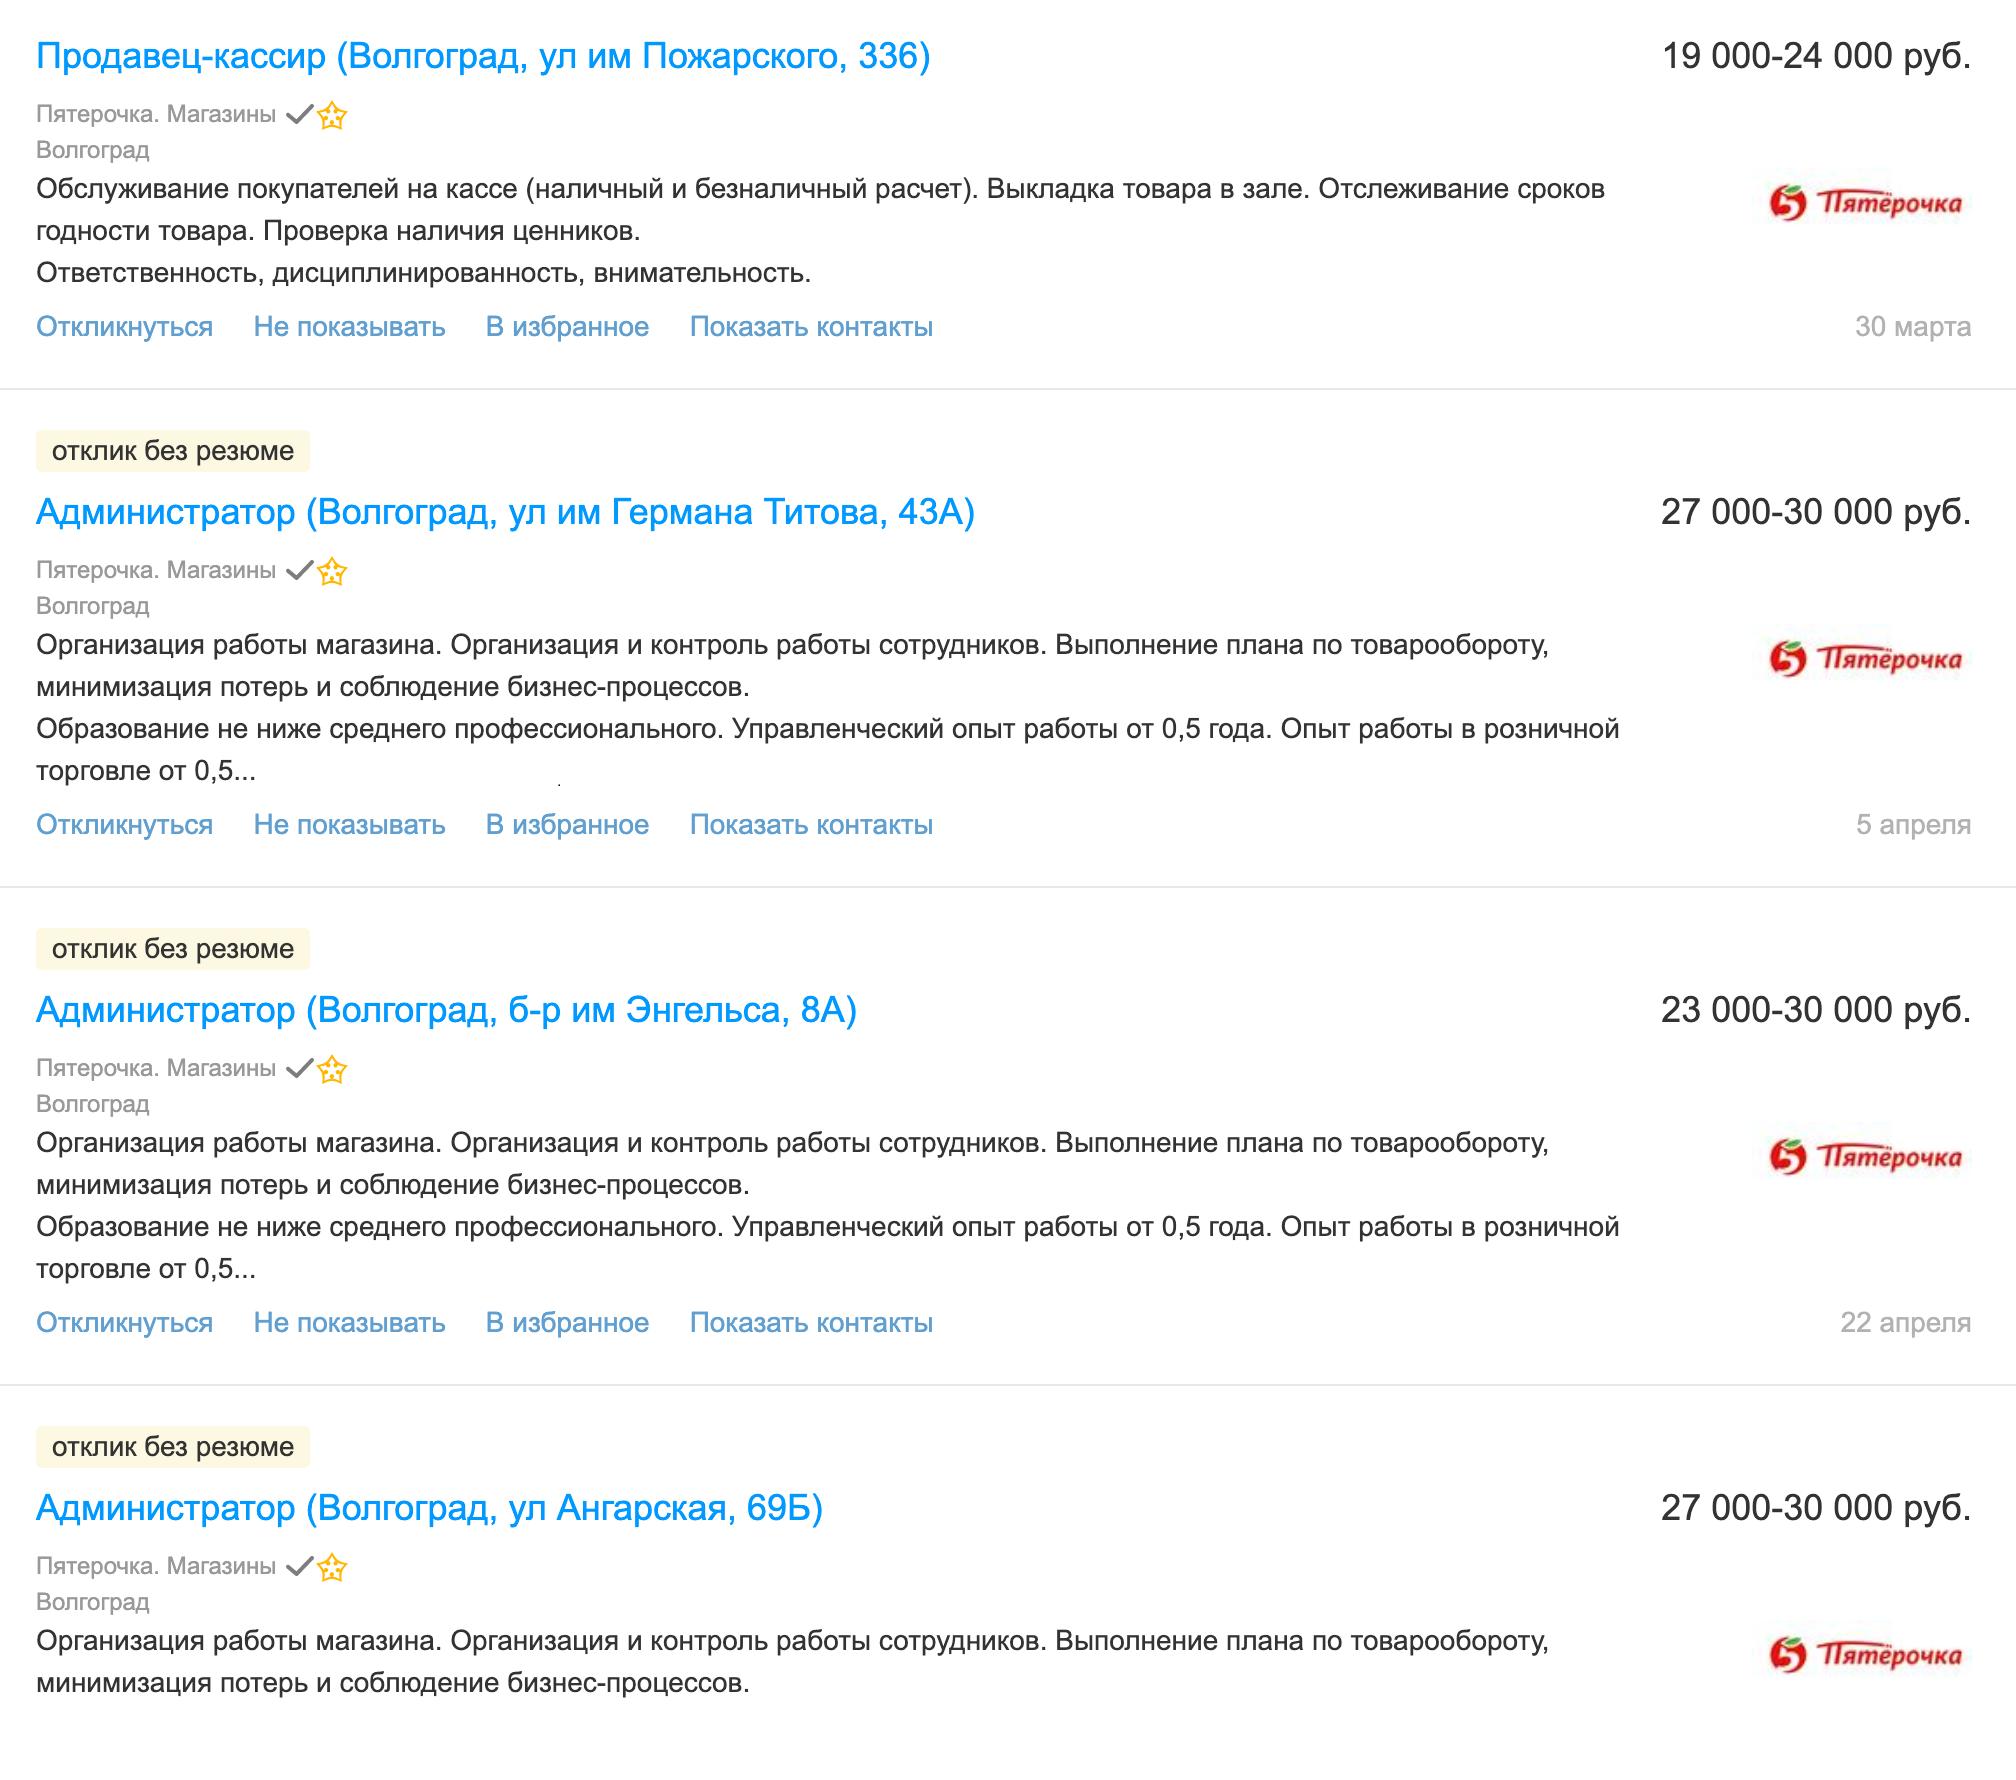 Продавцы-кассиры в «Пятерочке», судя по предложениям на hh.ru, получают до 25 тысяч, администраторы магазинов — до 30